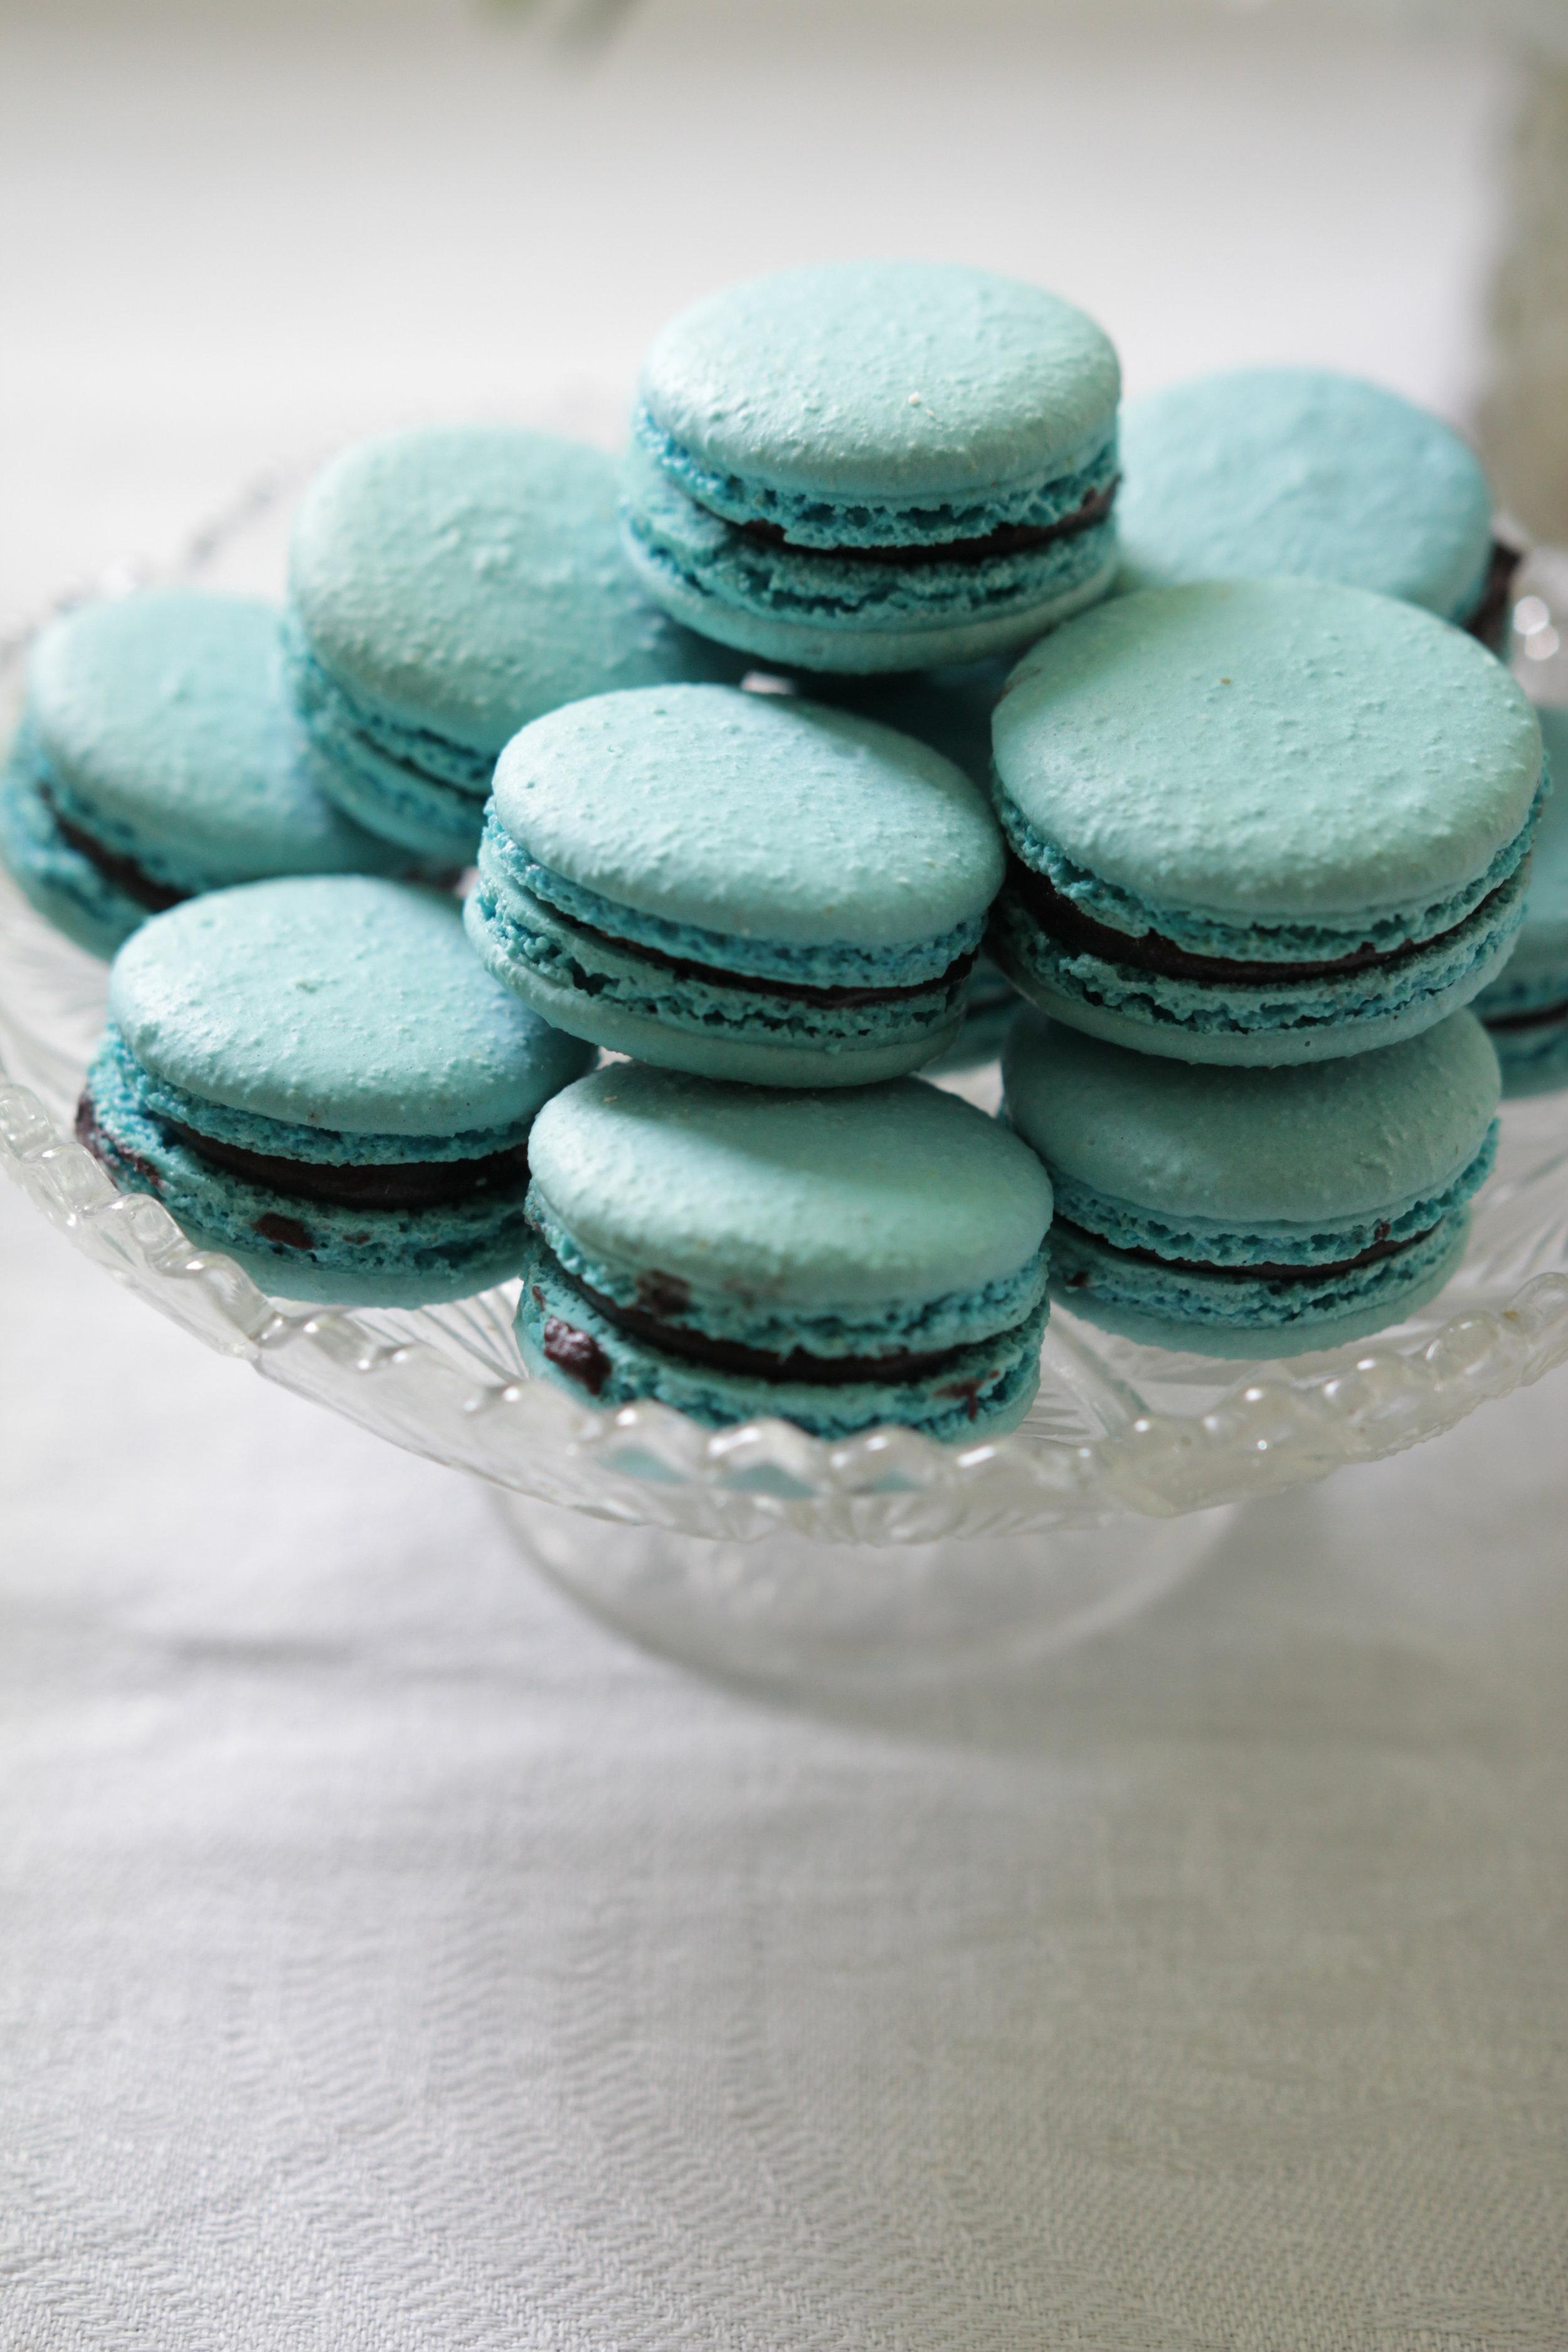 Macaronsit olivat mustikan ja suklaan makuisia.Kuva Kristiina Huovinen